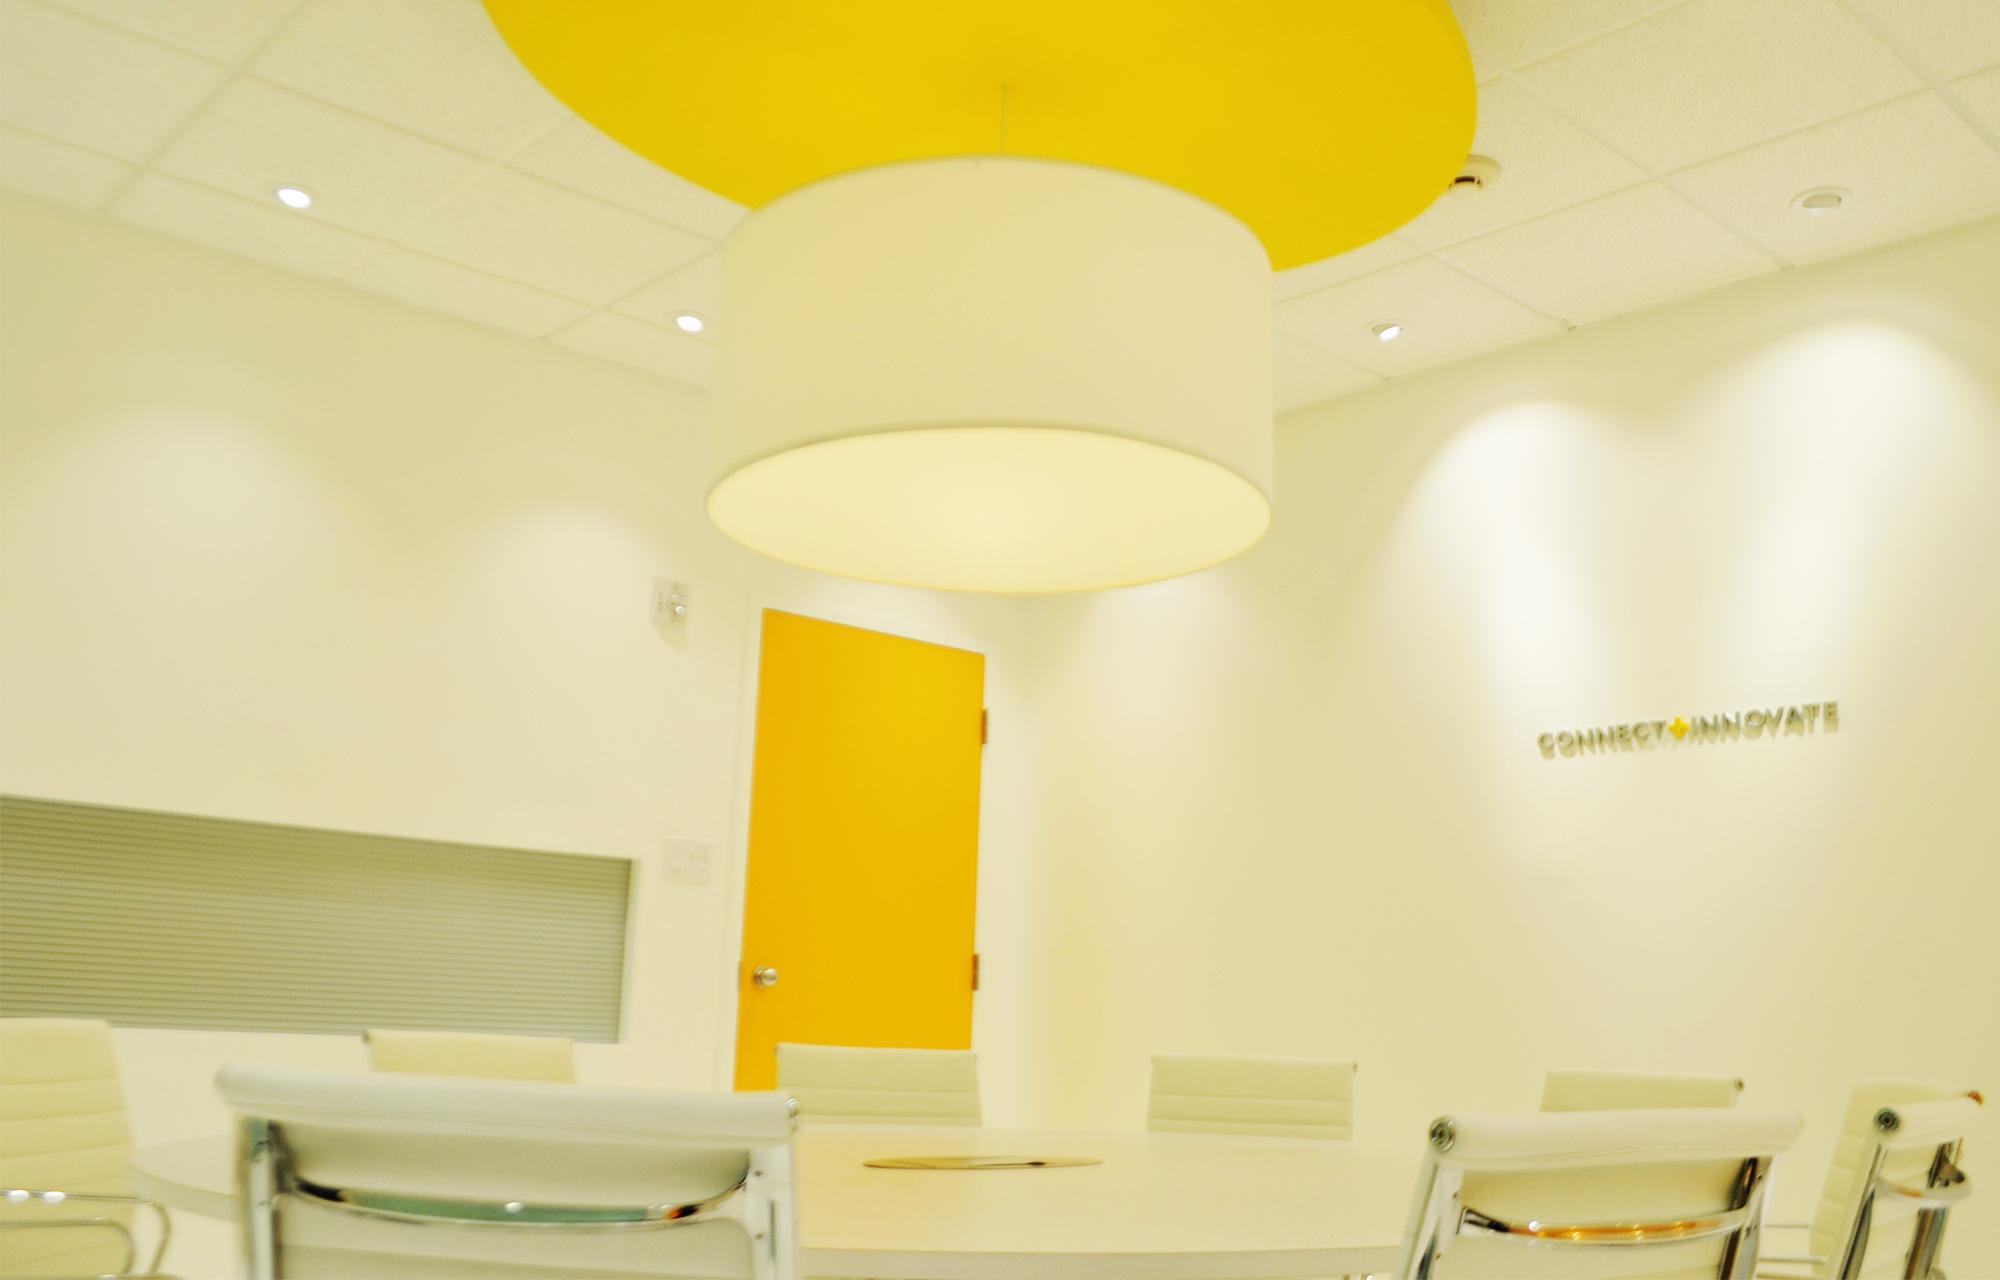 Center Ceiling Light